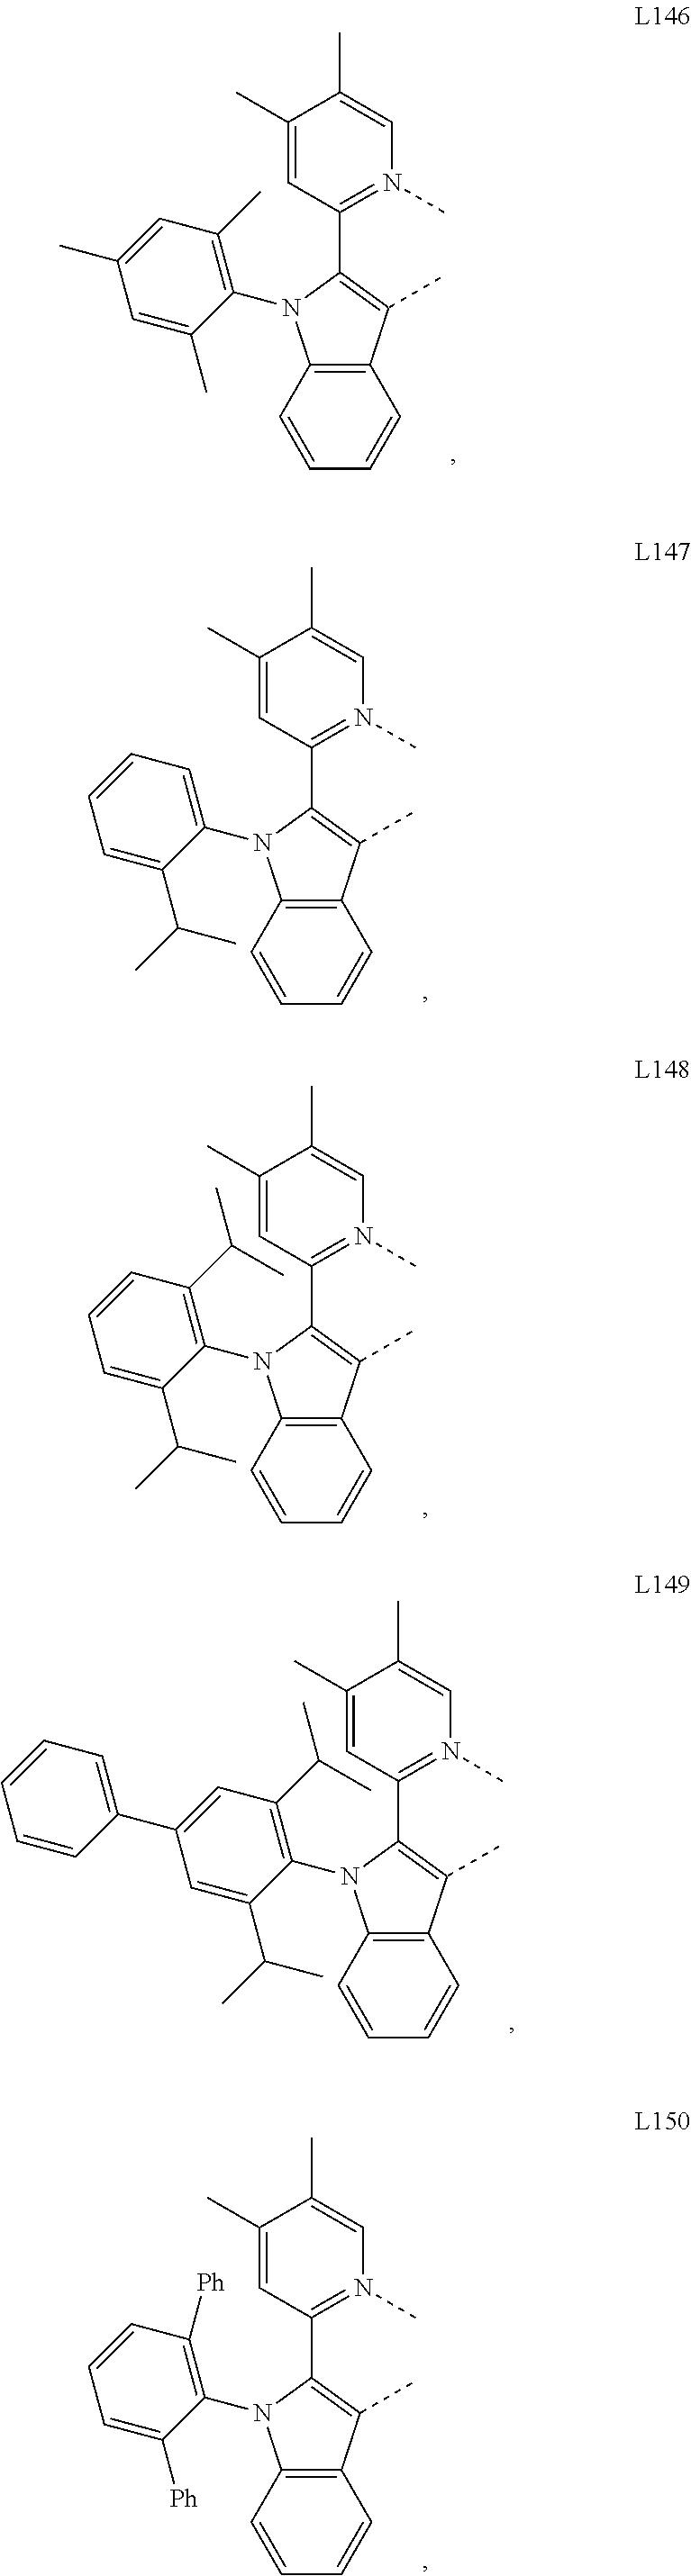 Figure US09935277-20180403-C00034